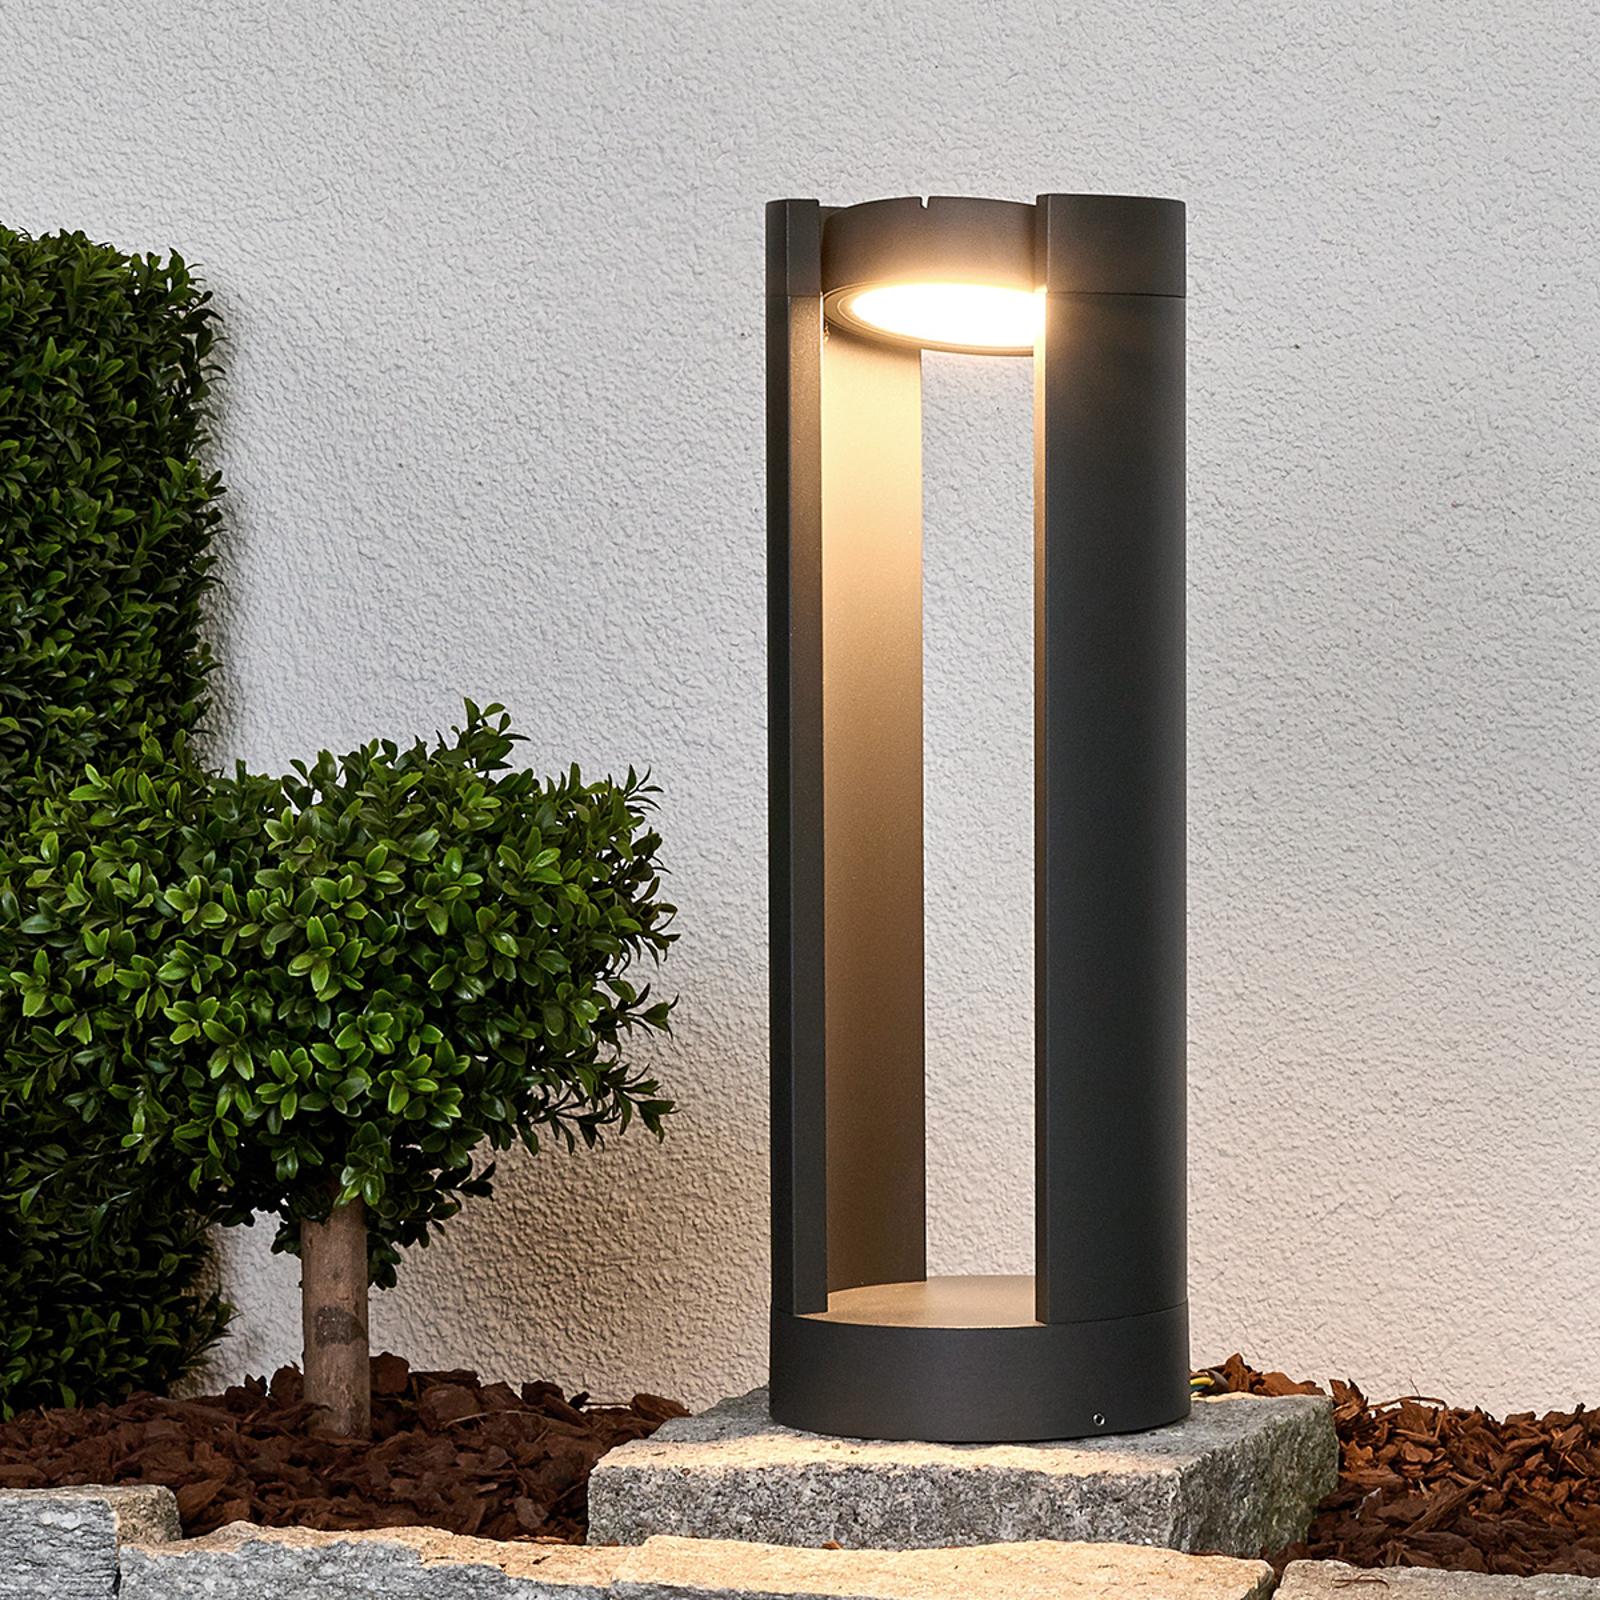 Borne lumineuse LED Dylen réglable